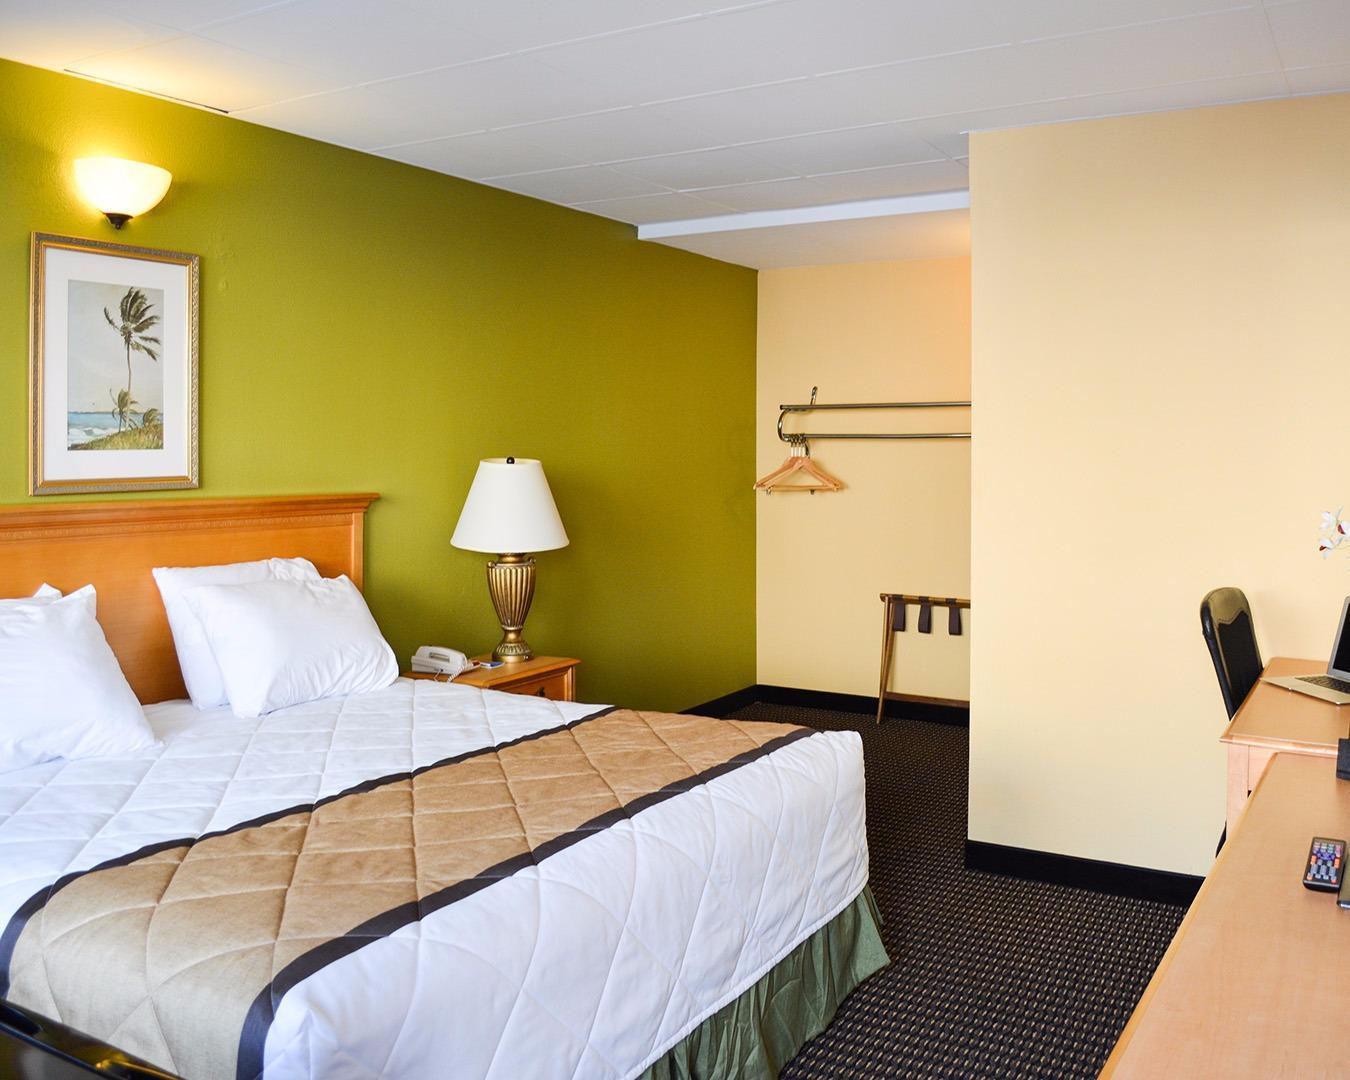 Rodeway inn in york pa 717 843 8 for 4165 woodlyn terrace york pa